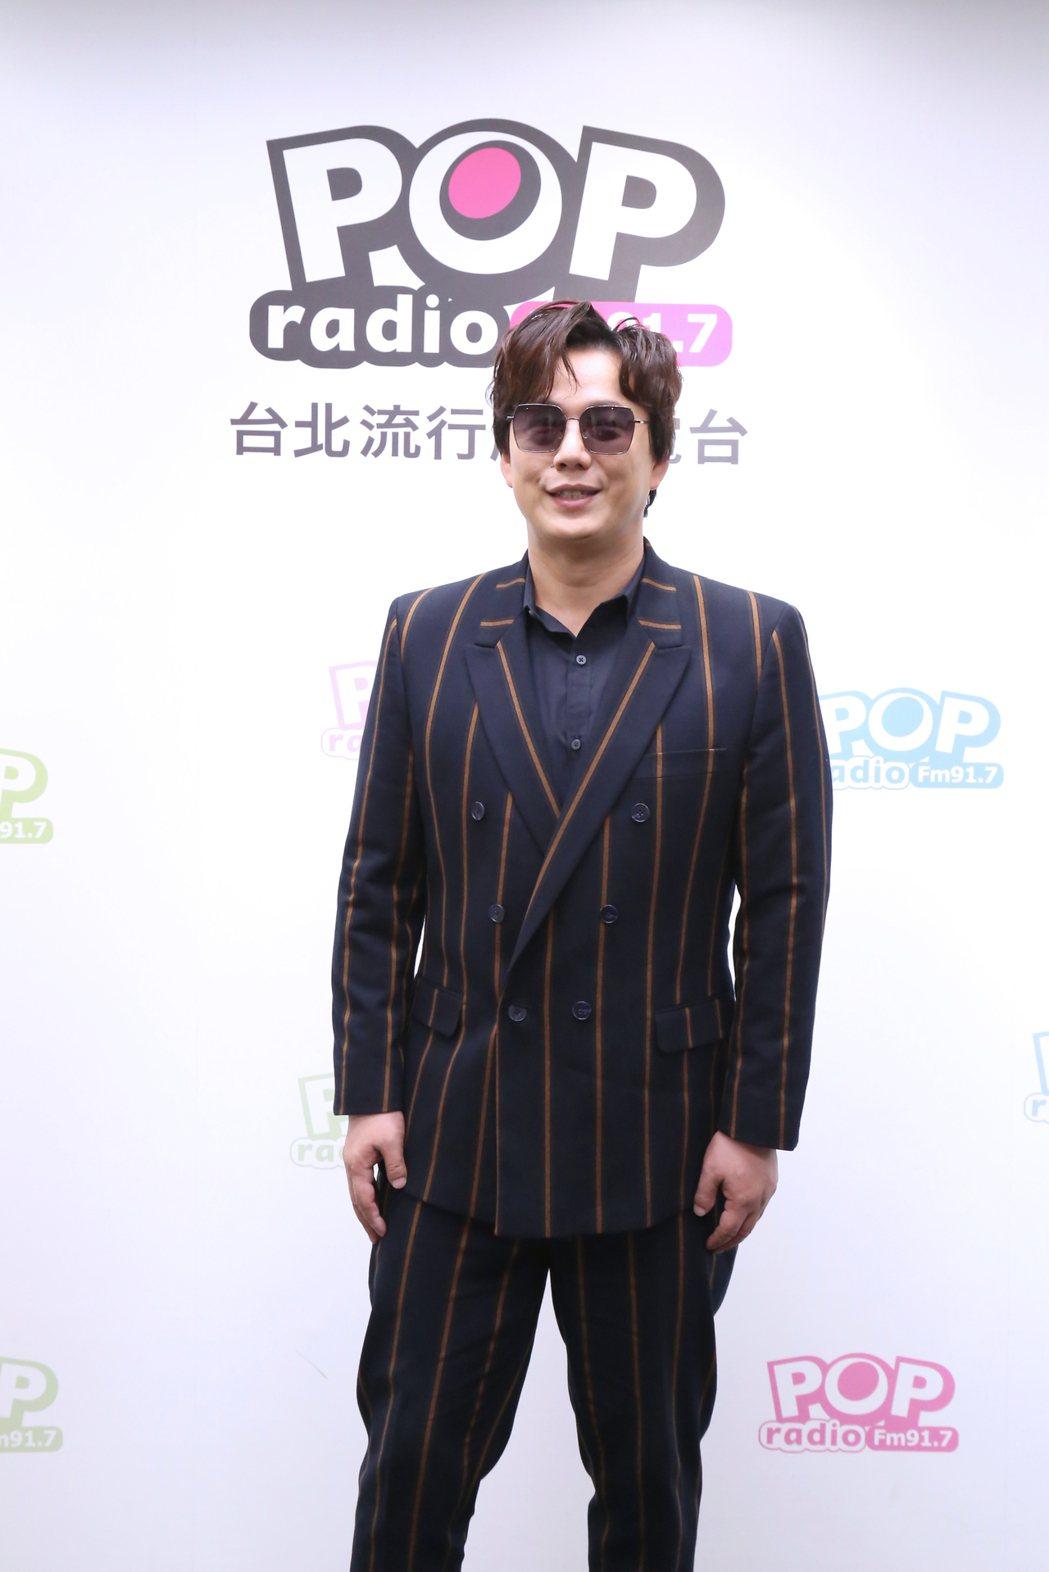 蕭煌奇到電台宣傳新專輯兼找媳婦。圖/POP Radio提供